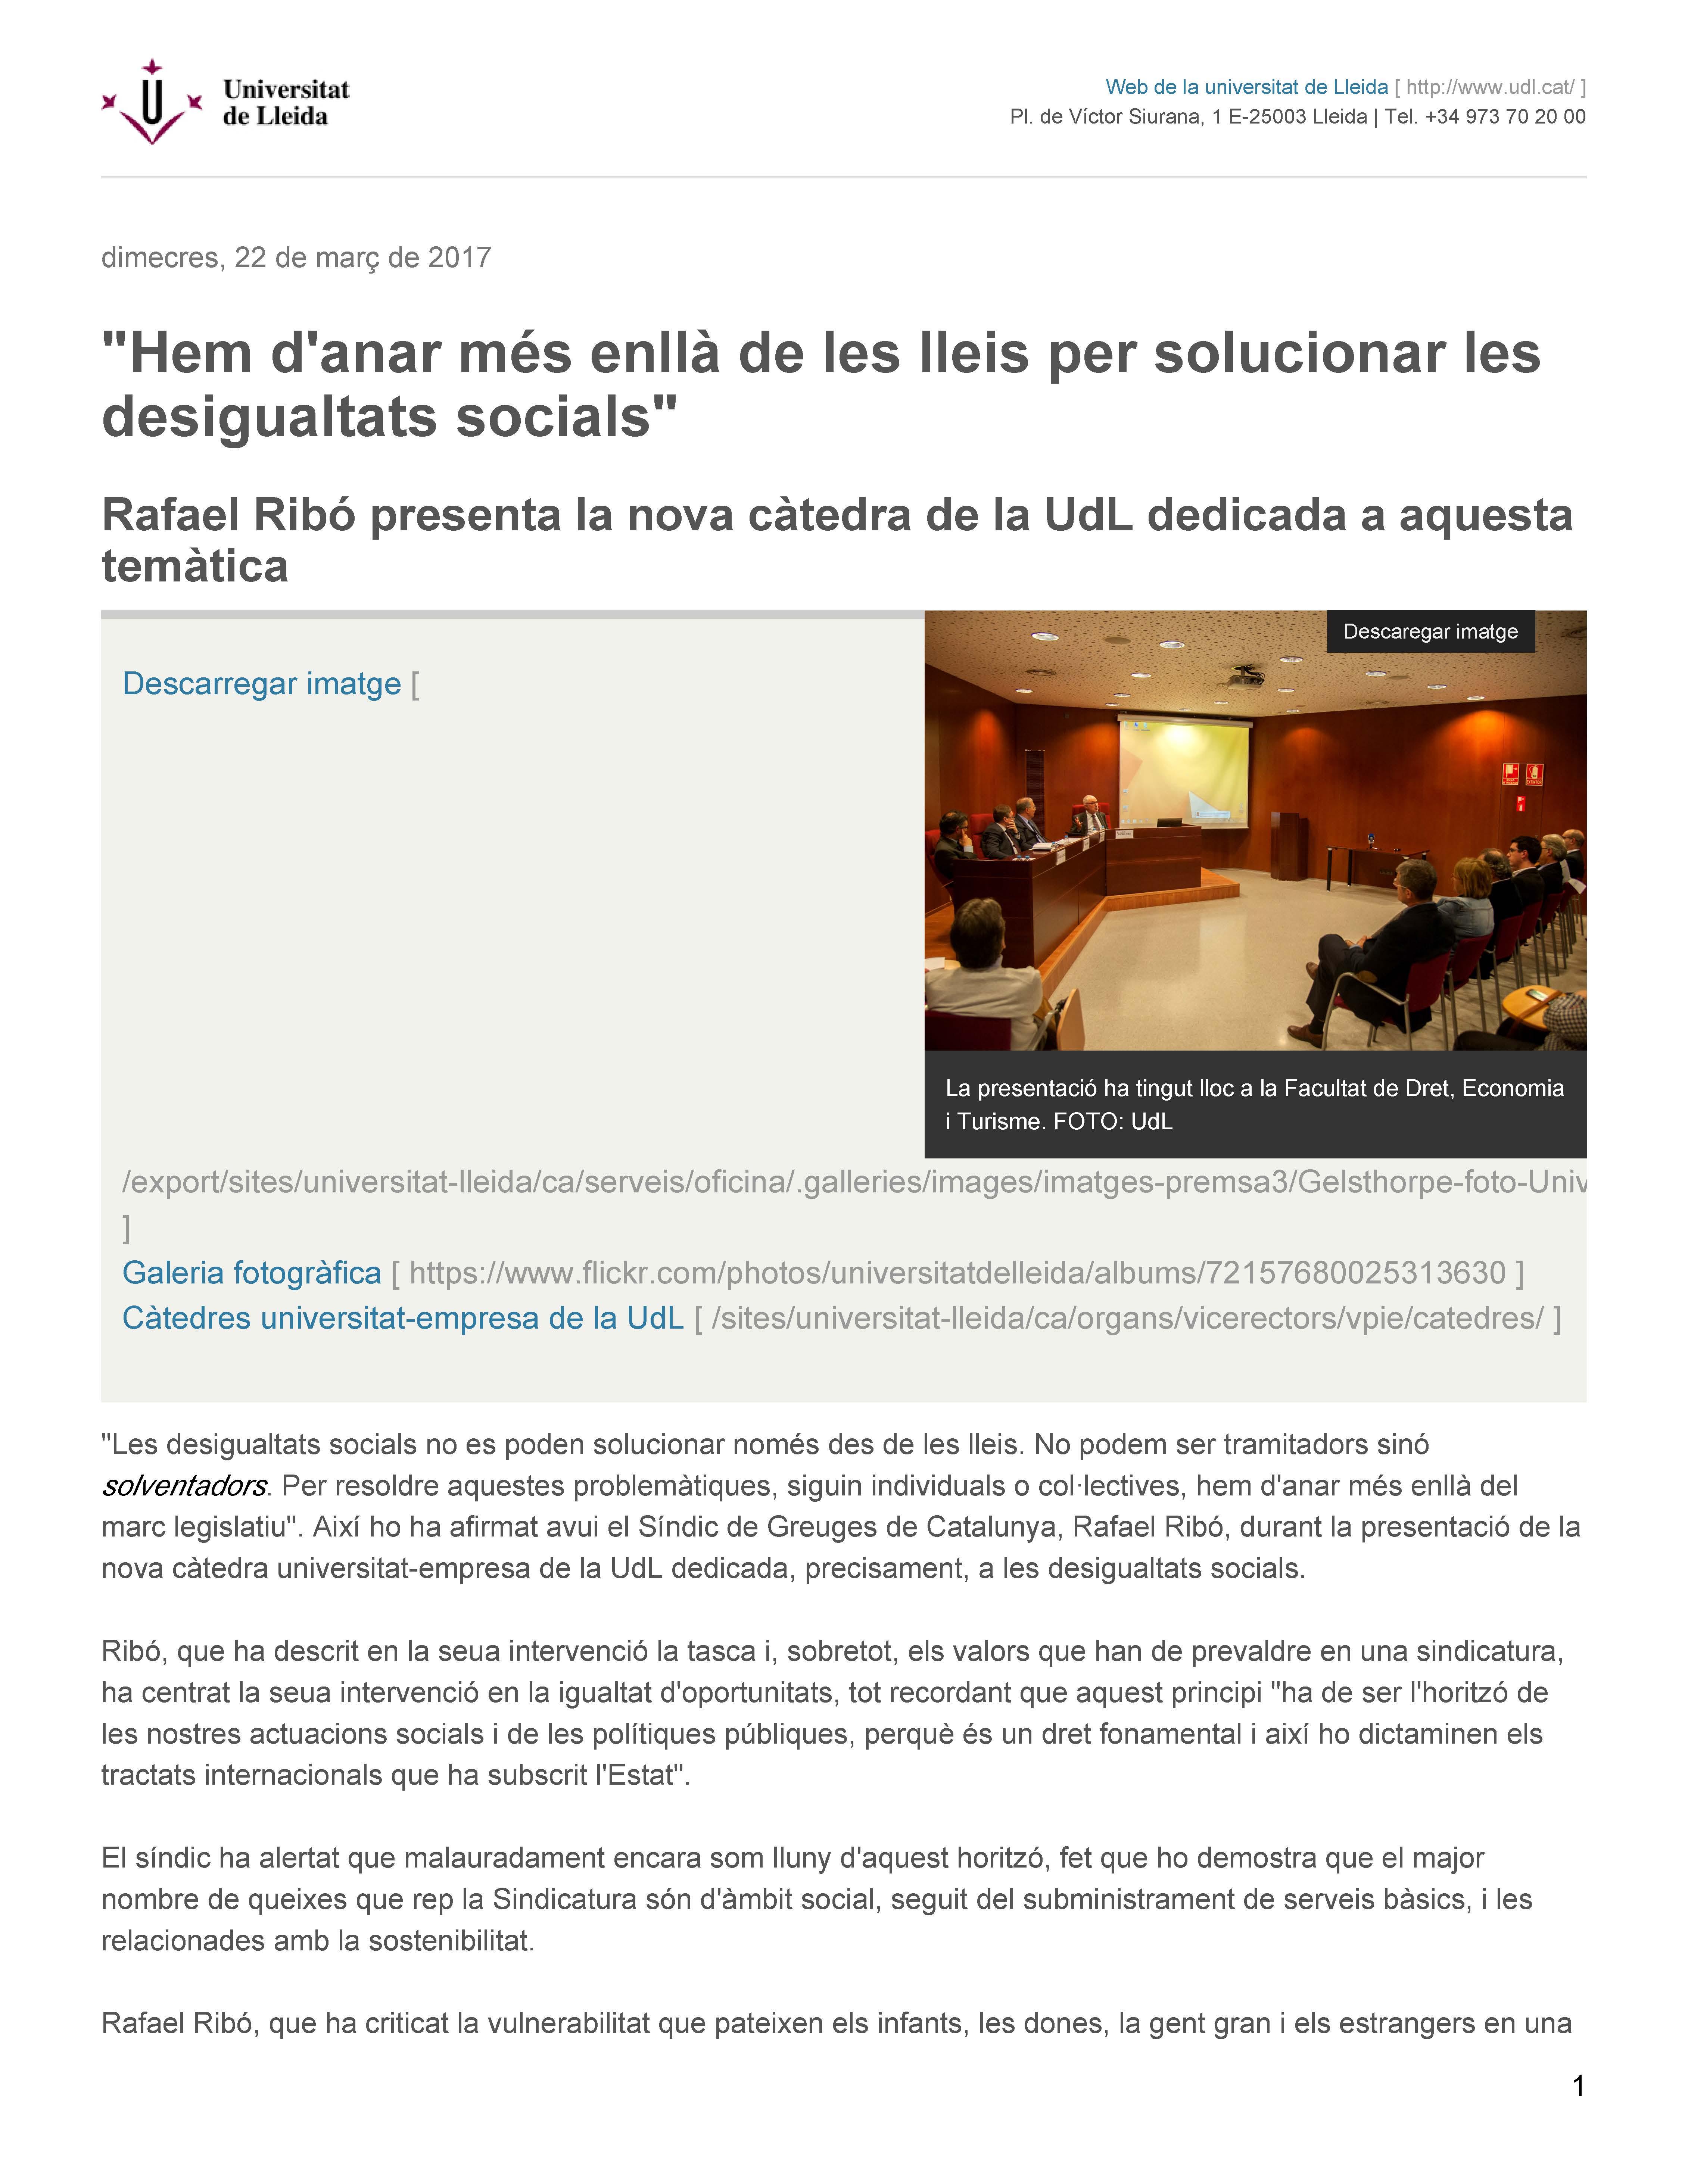 La Vanguardia 05/02/17